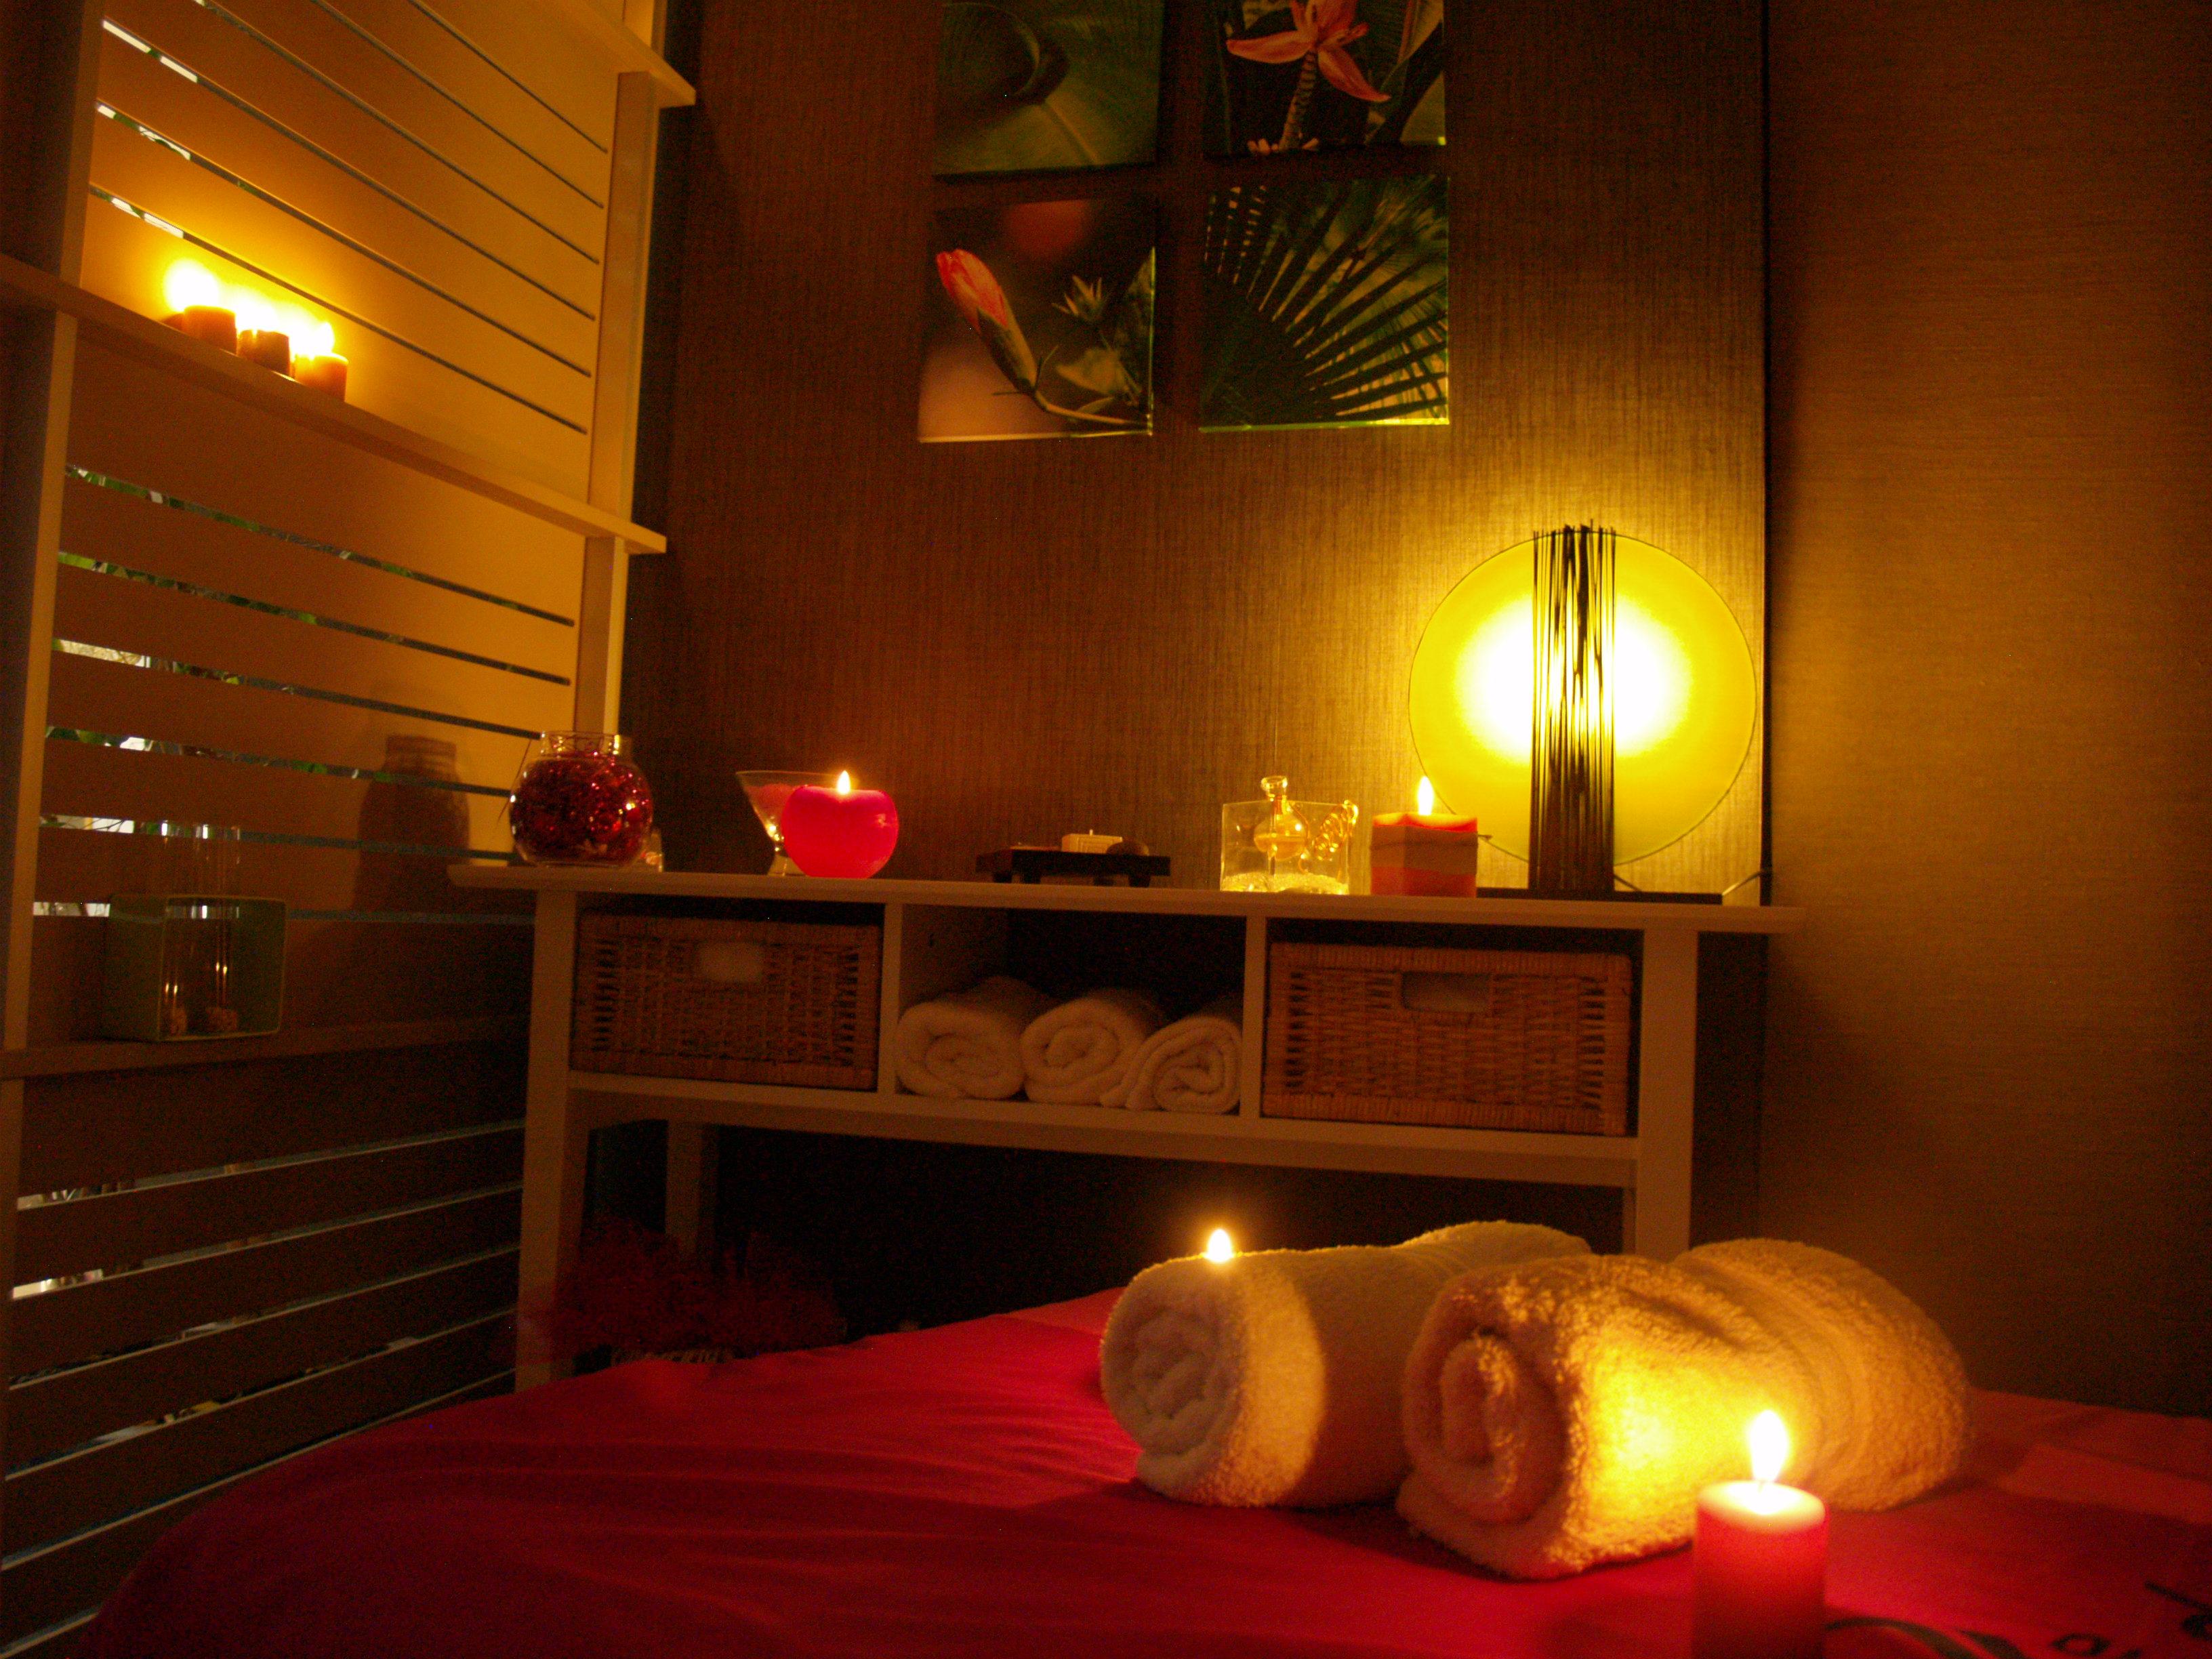 Tarif Massage Ou Forfait Pause Douce Heure Rennes Org Res Ou